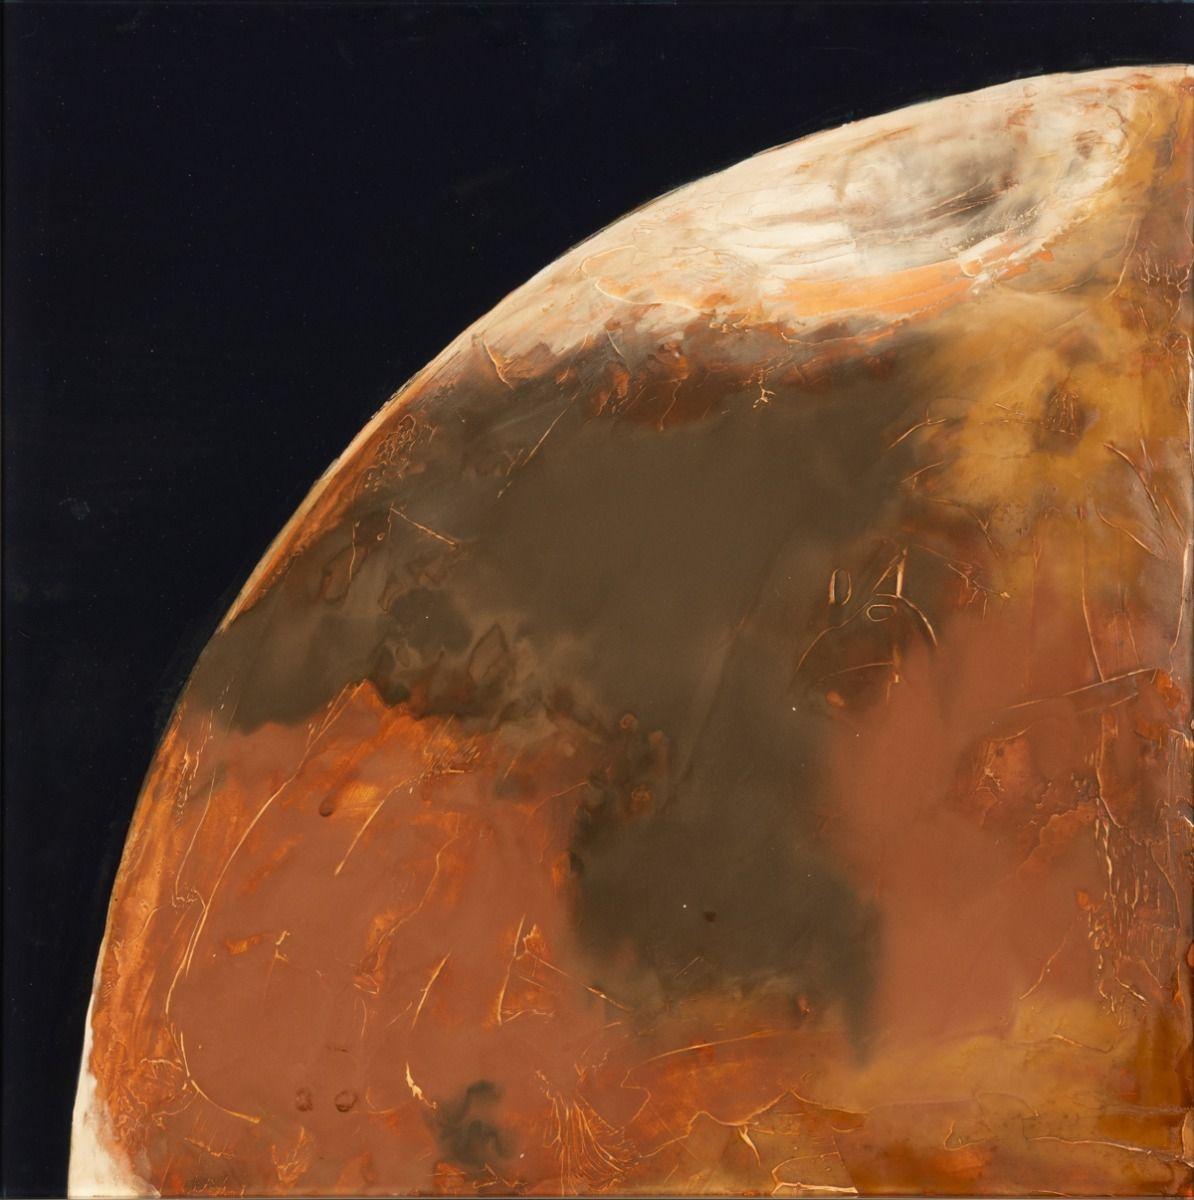 Mars あなたの作品が壁にかかっているイメージ